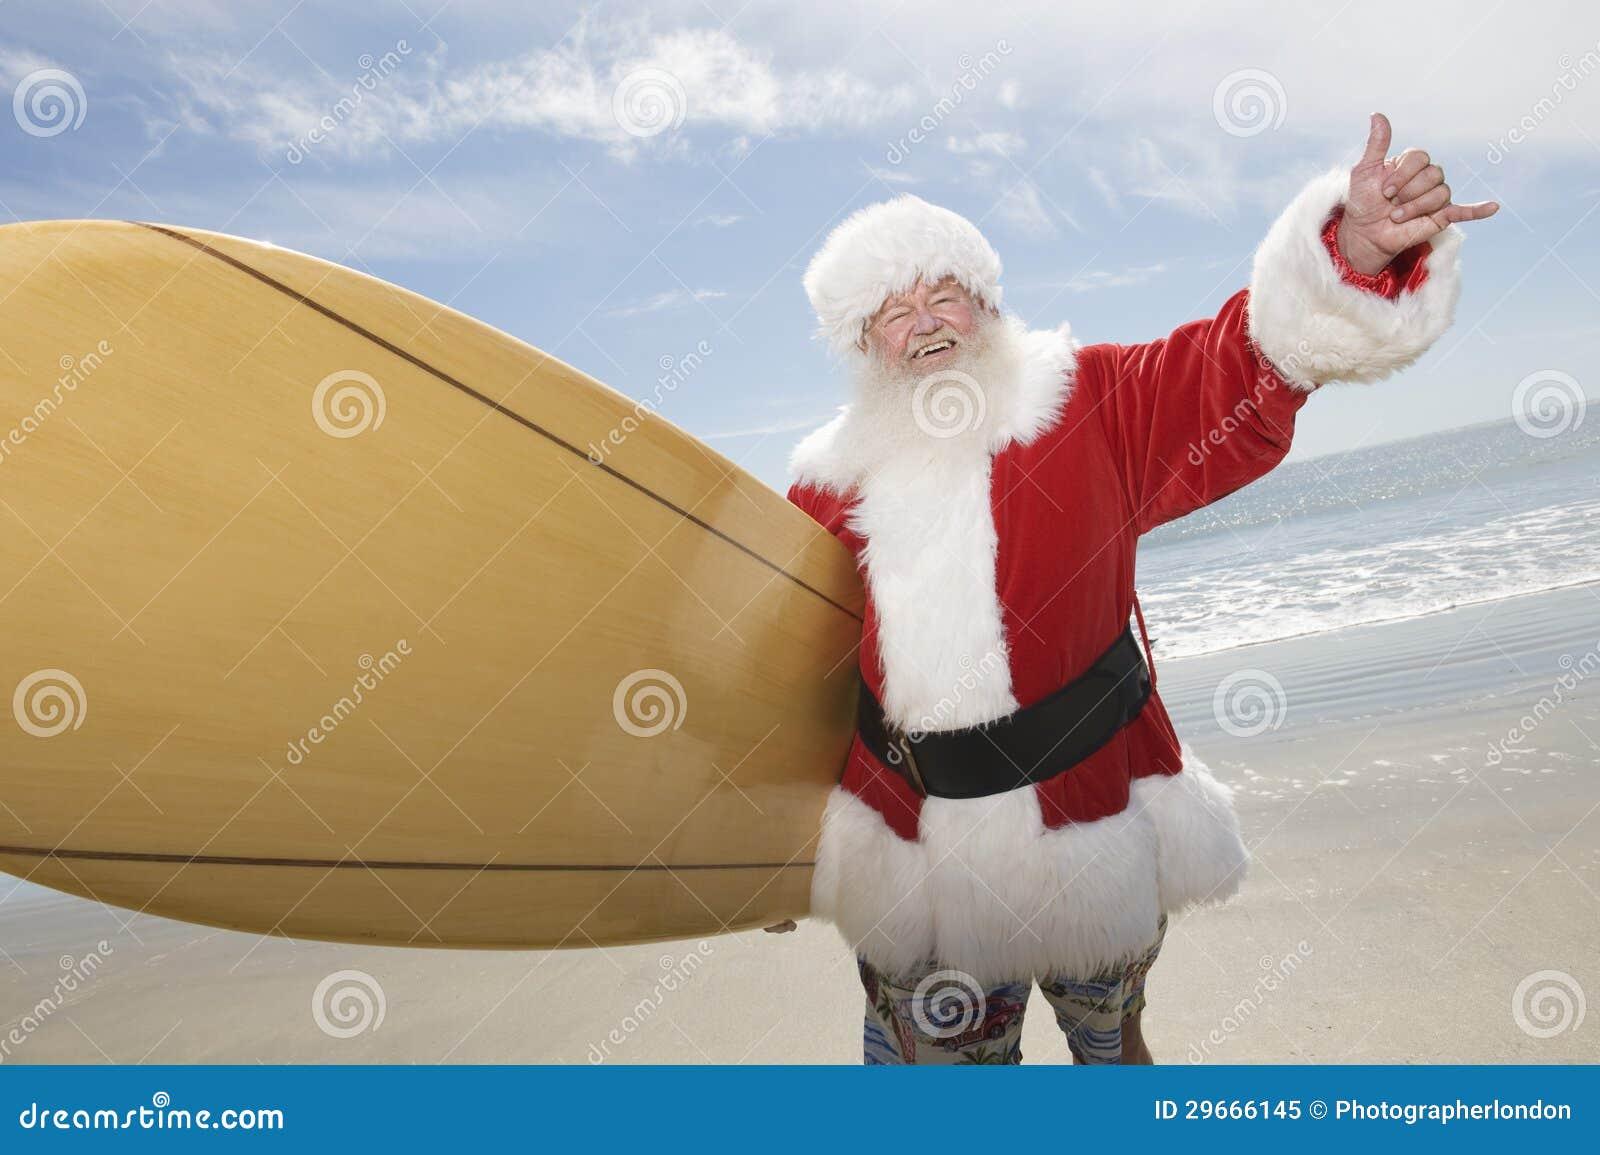 Playa de Santa Claus With Surf Board On